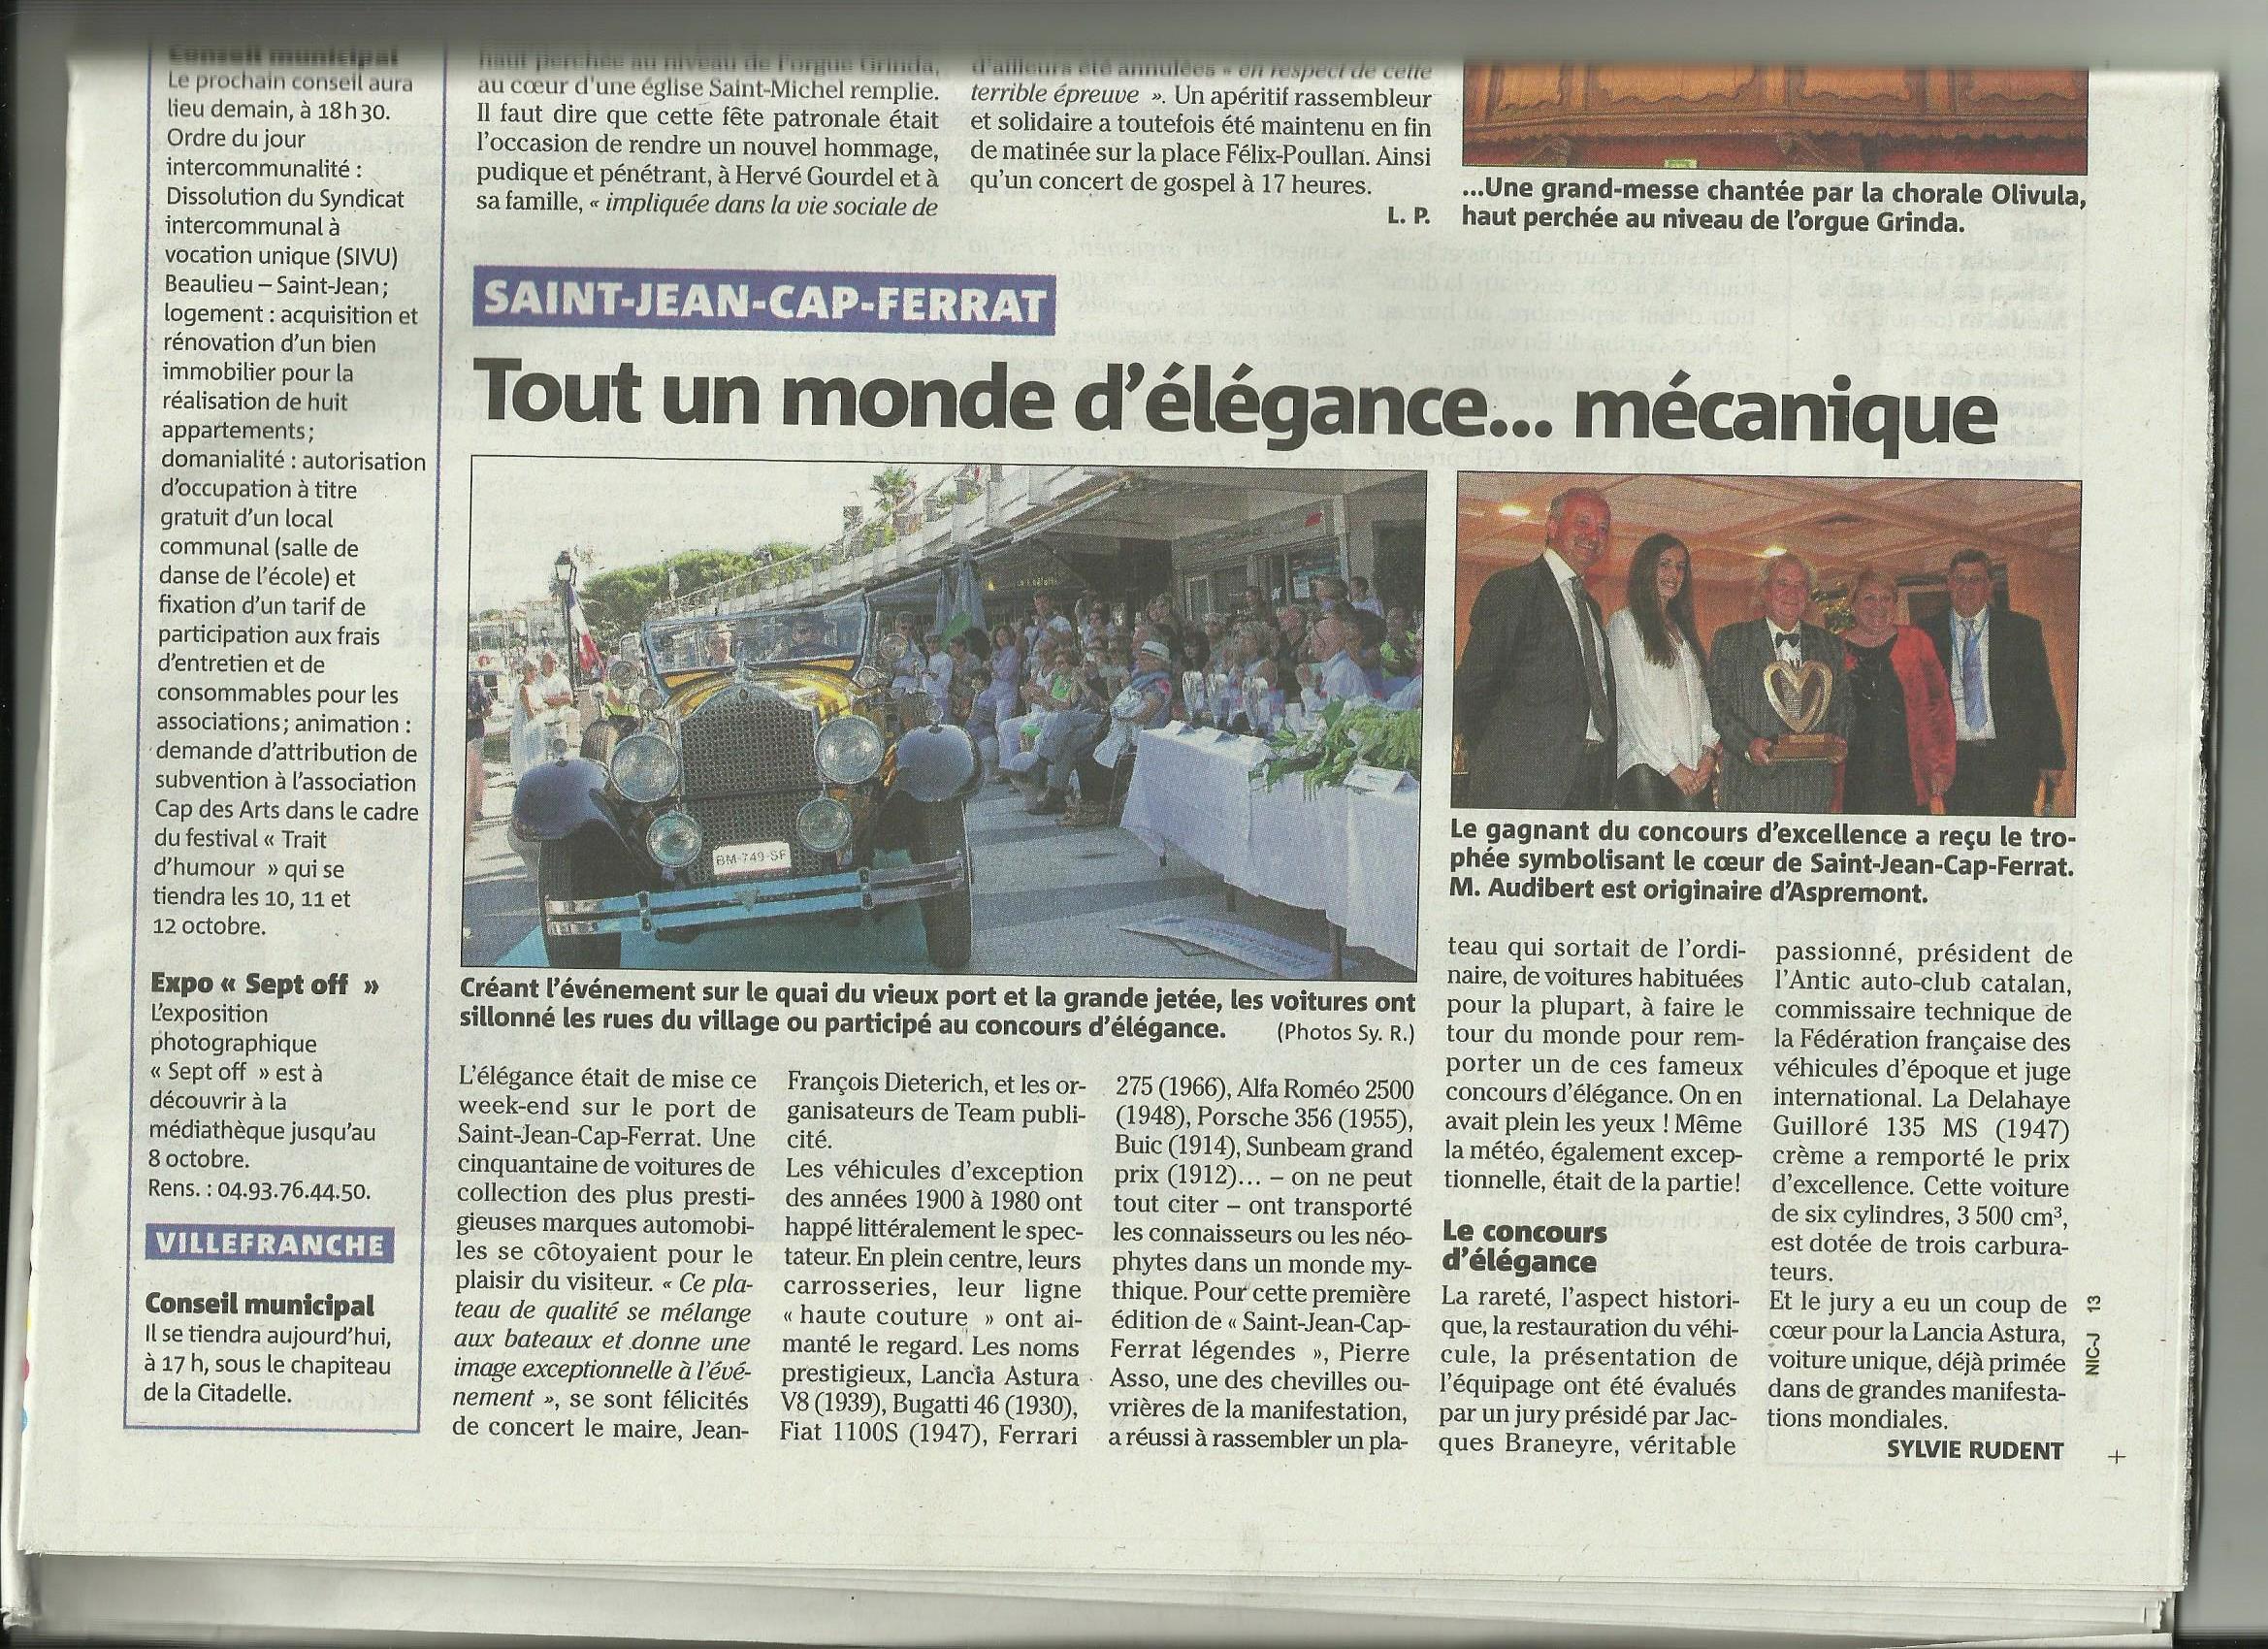 Articles communiqu s dossiers de presse saint jean cap - Office du tourisme saint jean cap ferrat ...